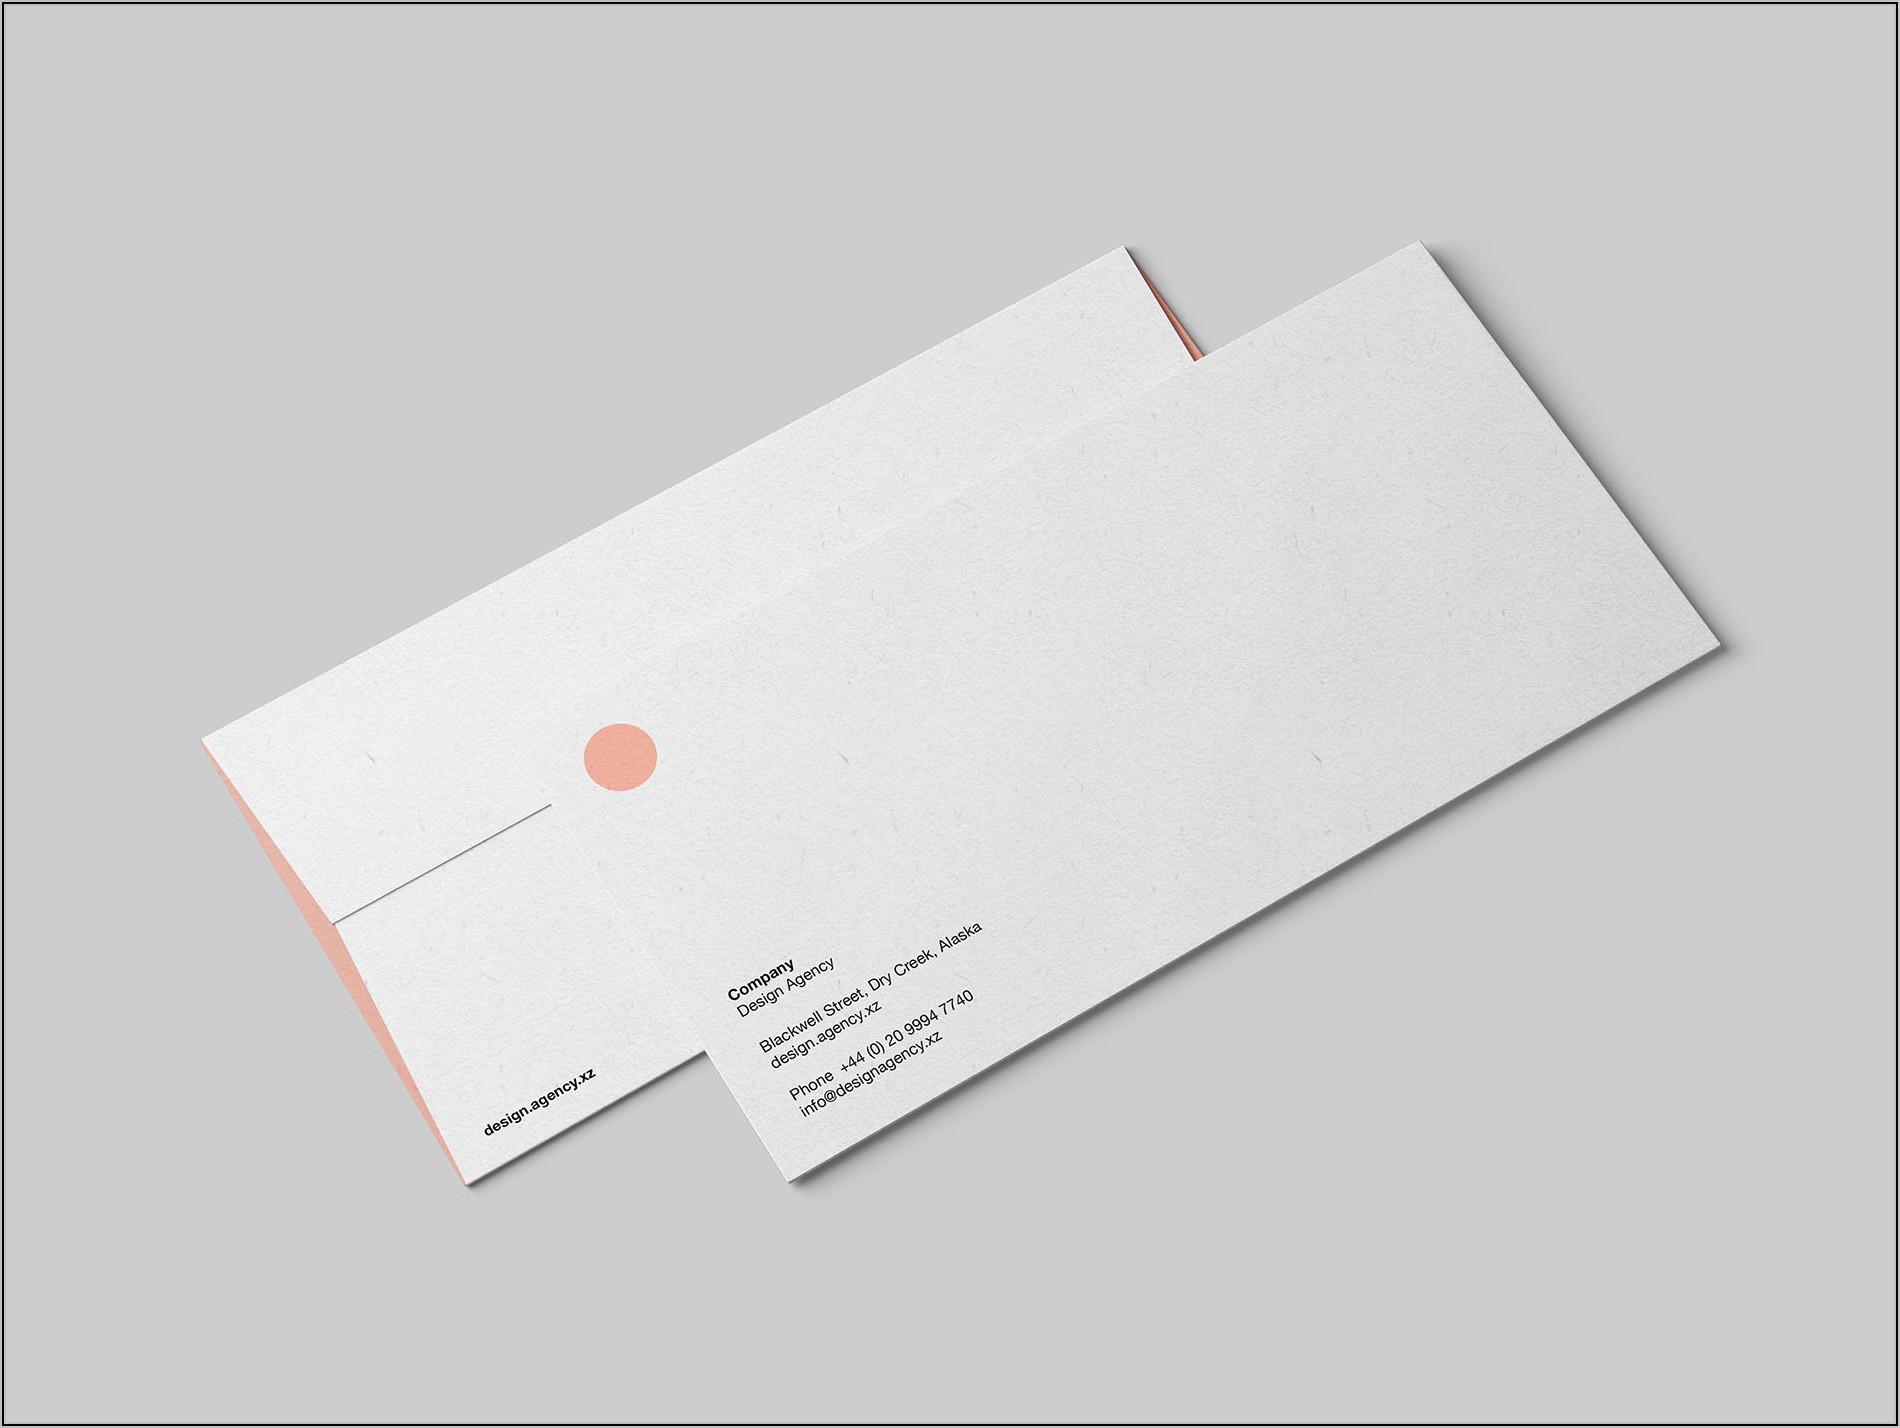 Envelope Dl Mockup Psd Free Download